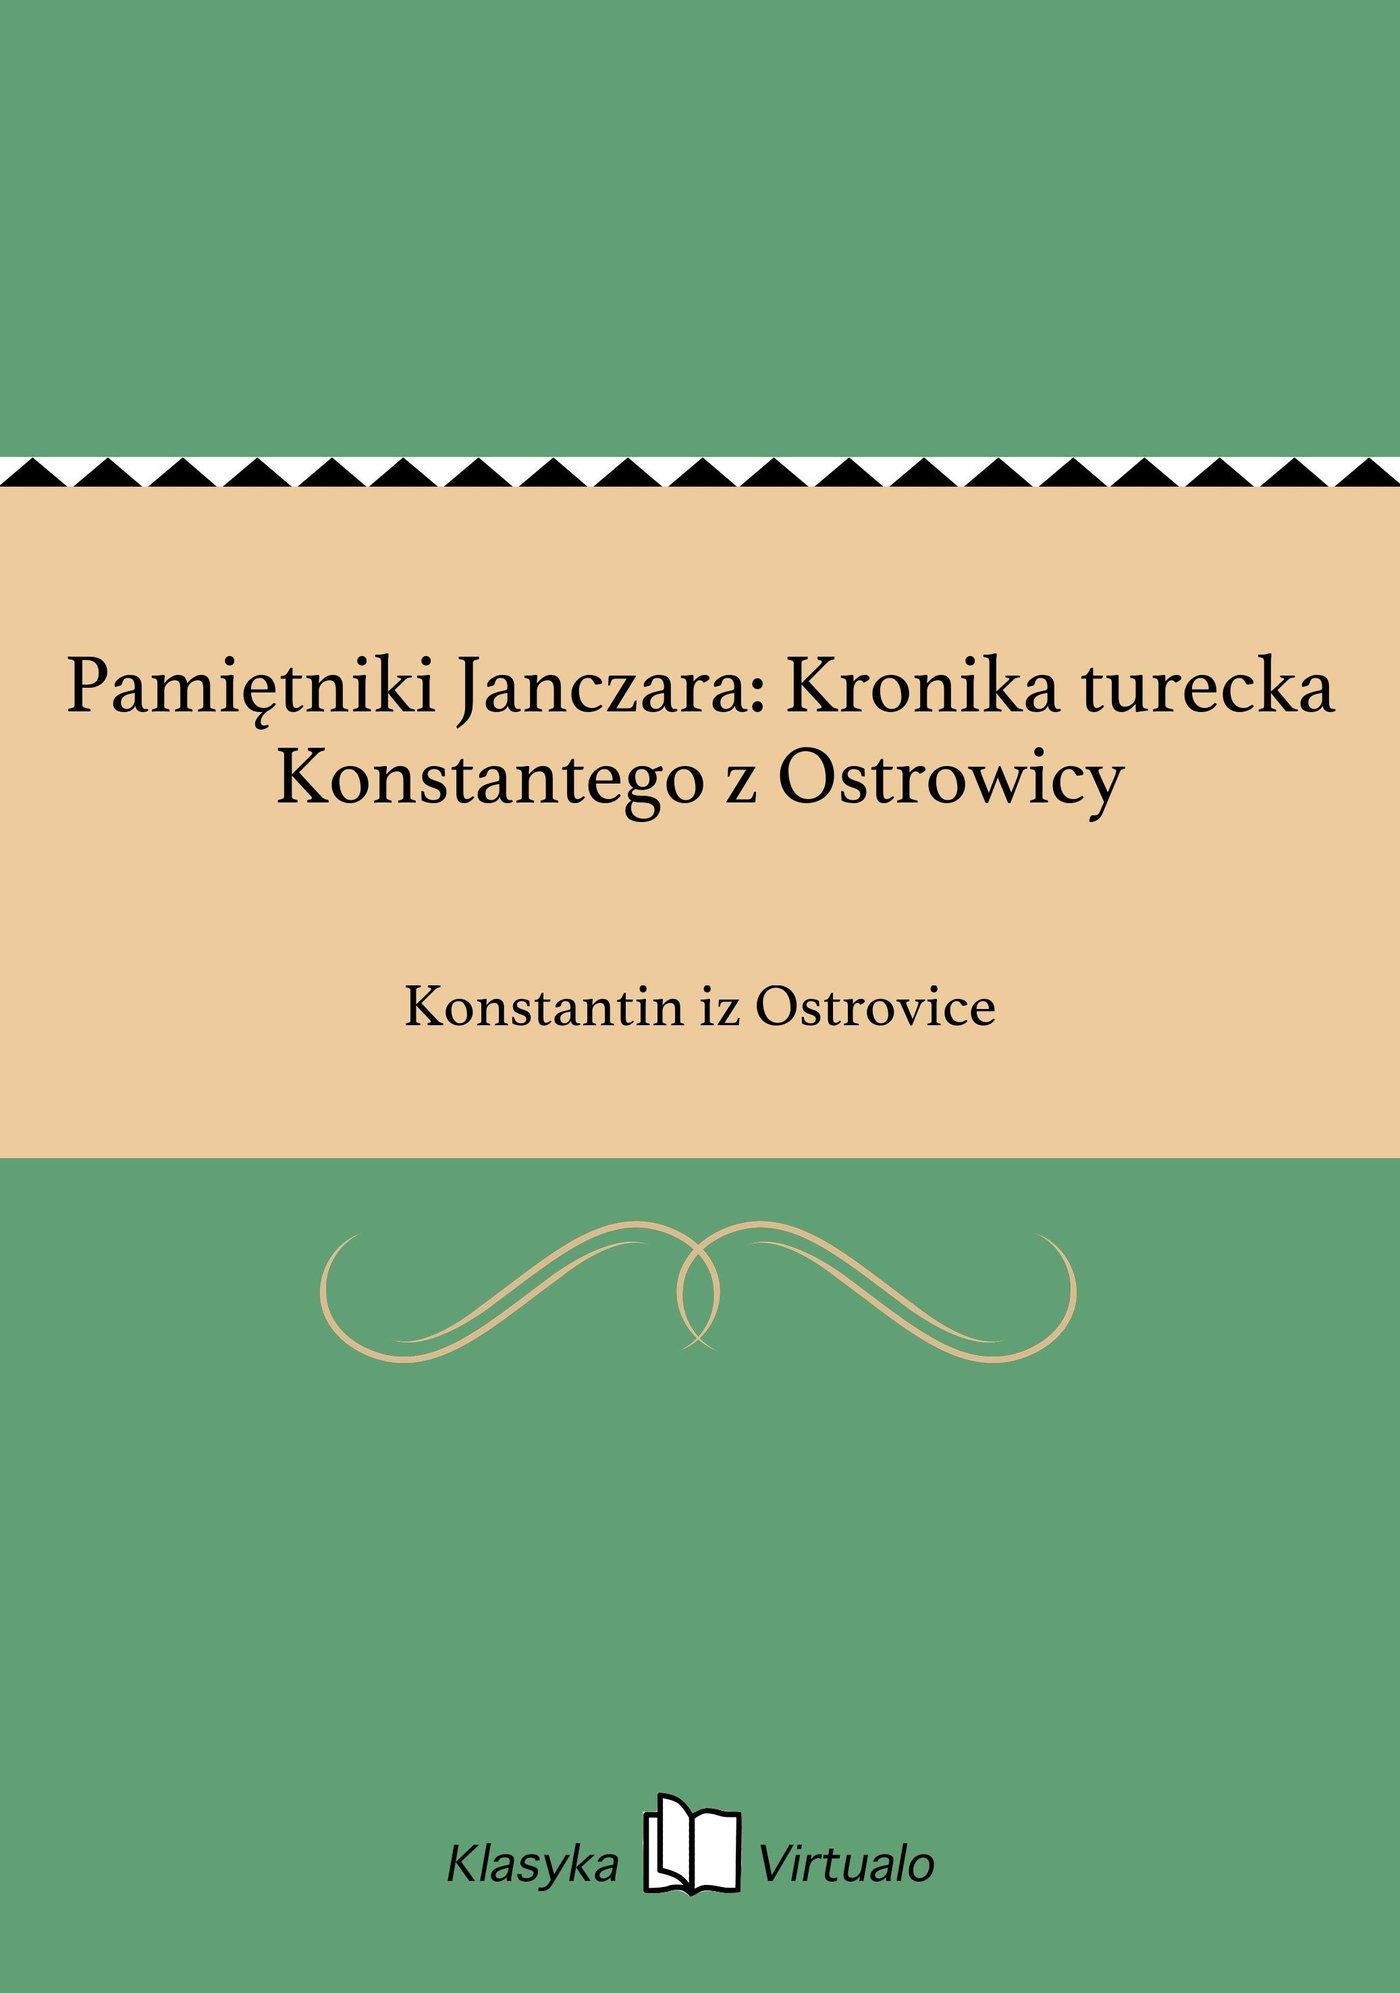 Pamiętniki Janczara: Kronika turecka Konstantego z Ostrowicy - Ebook (Książka EPUB) do pobrania w formacie EPUB